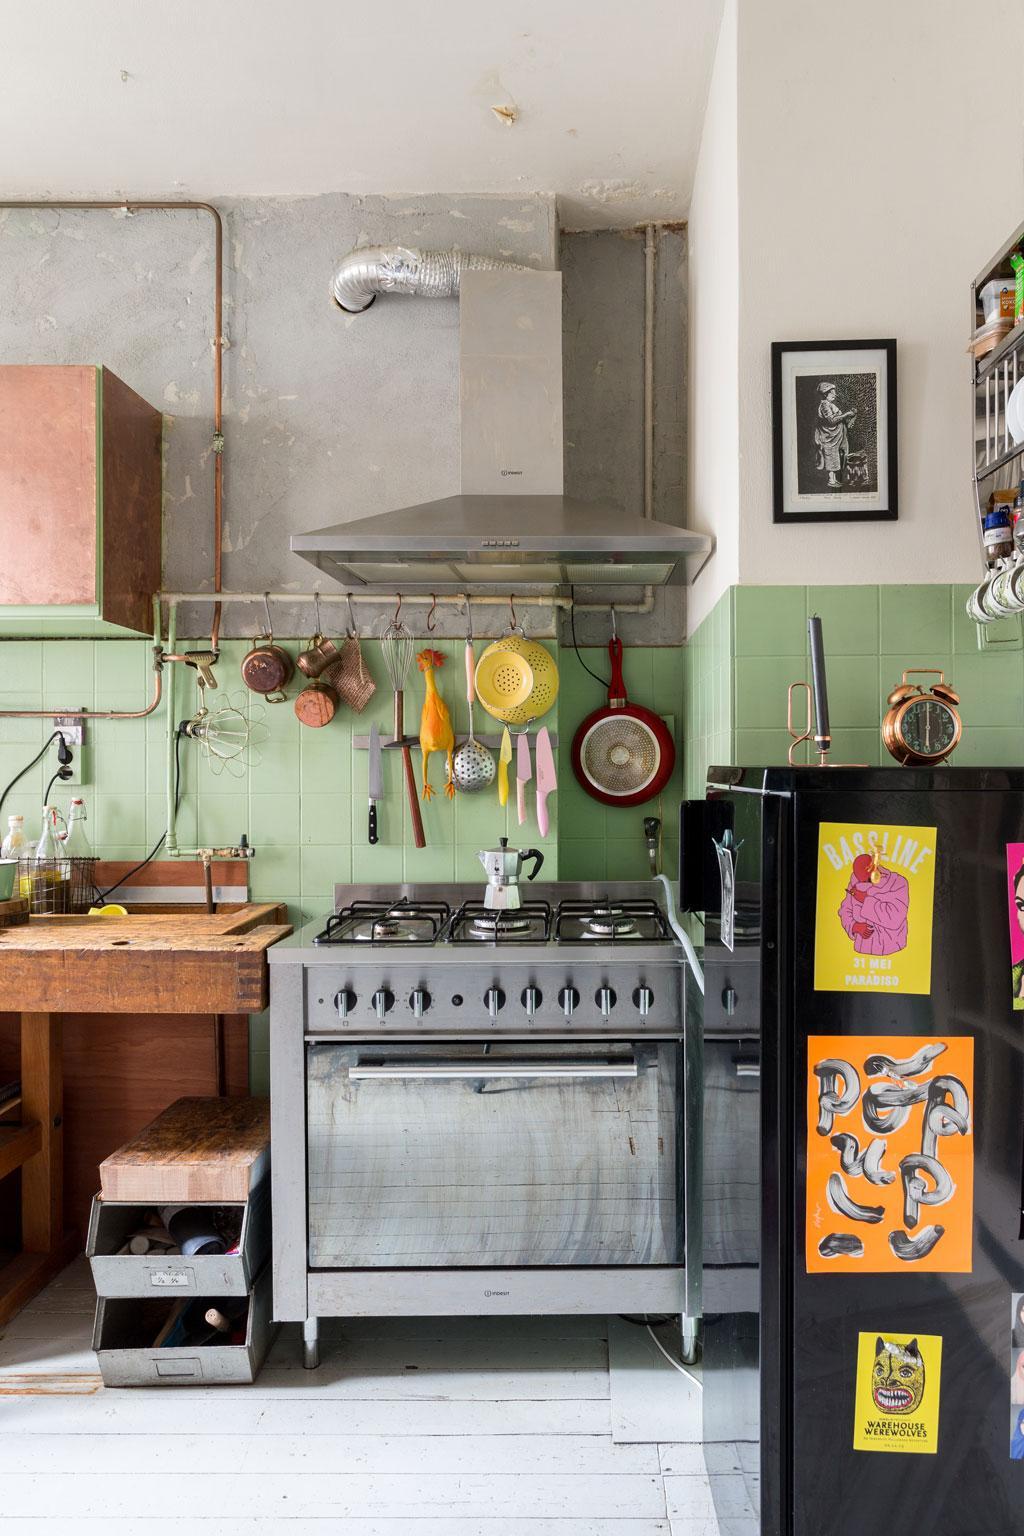 keuken woning amsterdam